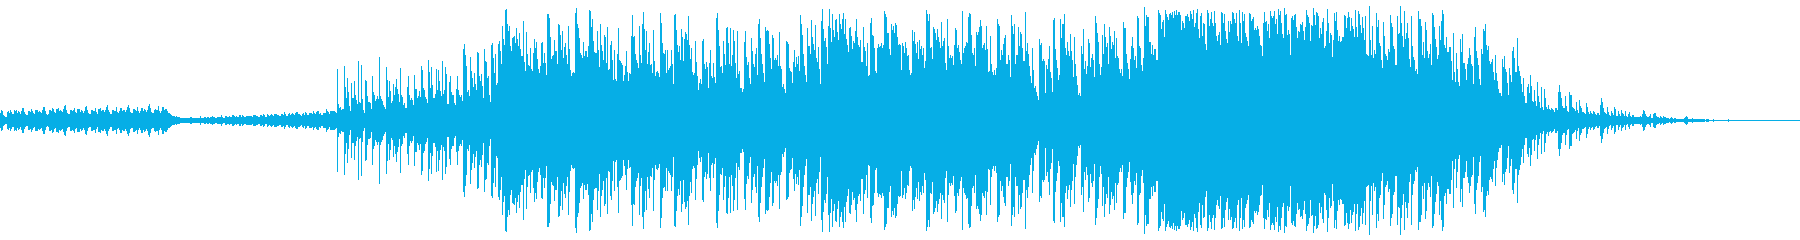 高揚感溢れる爽やか系ピアノテクノの再生済みの波形